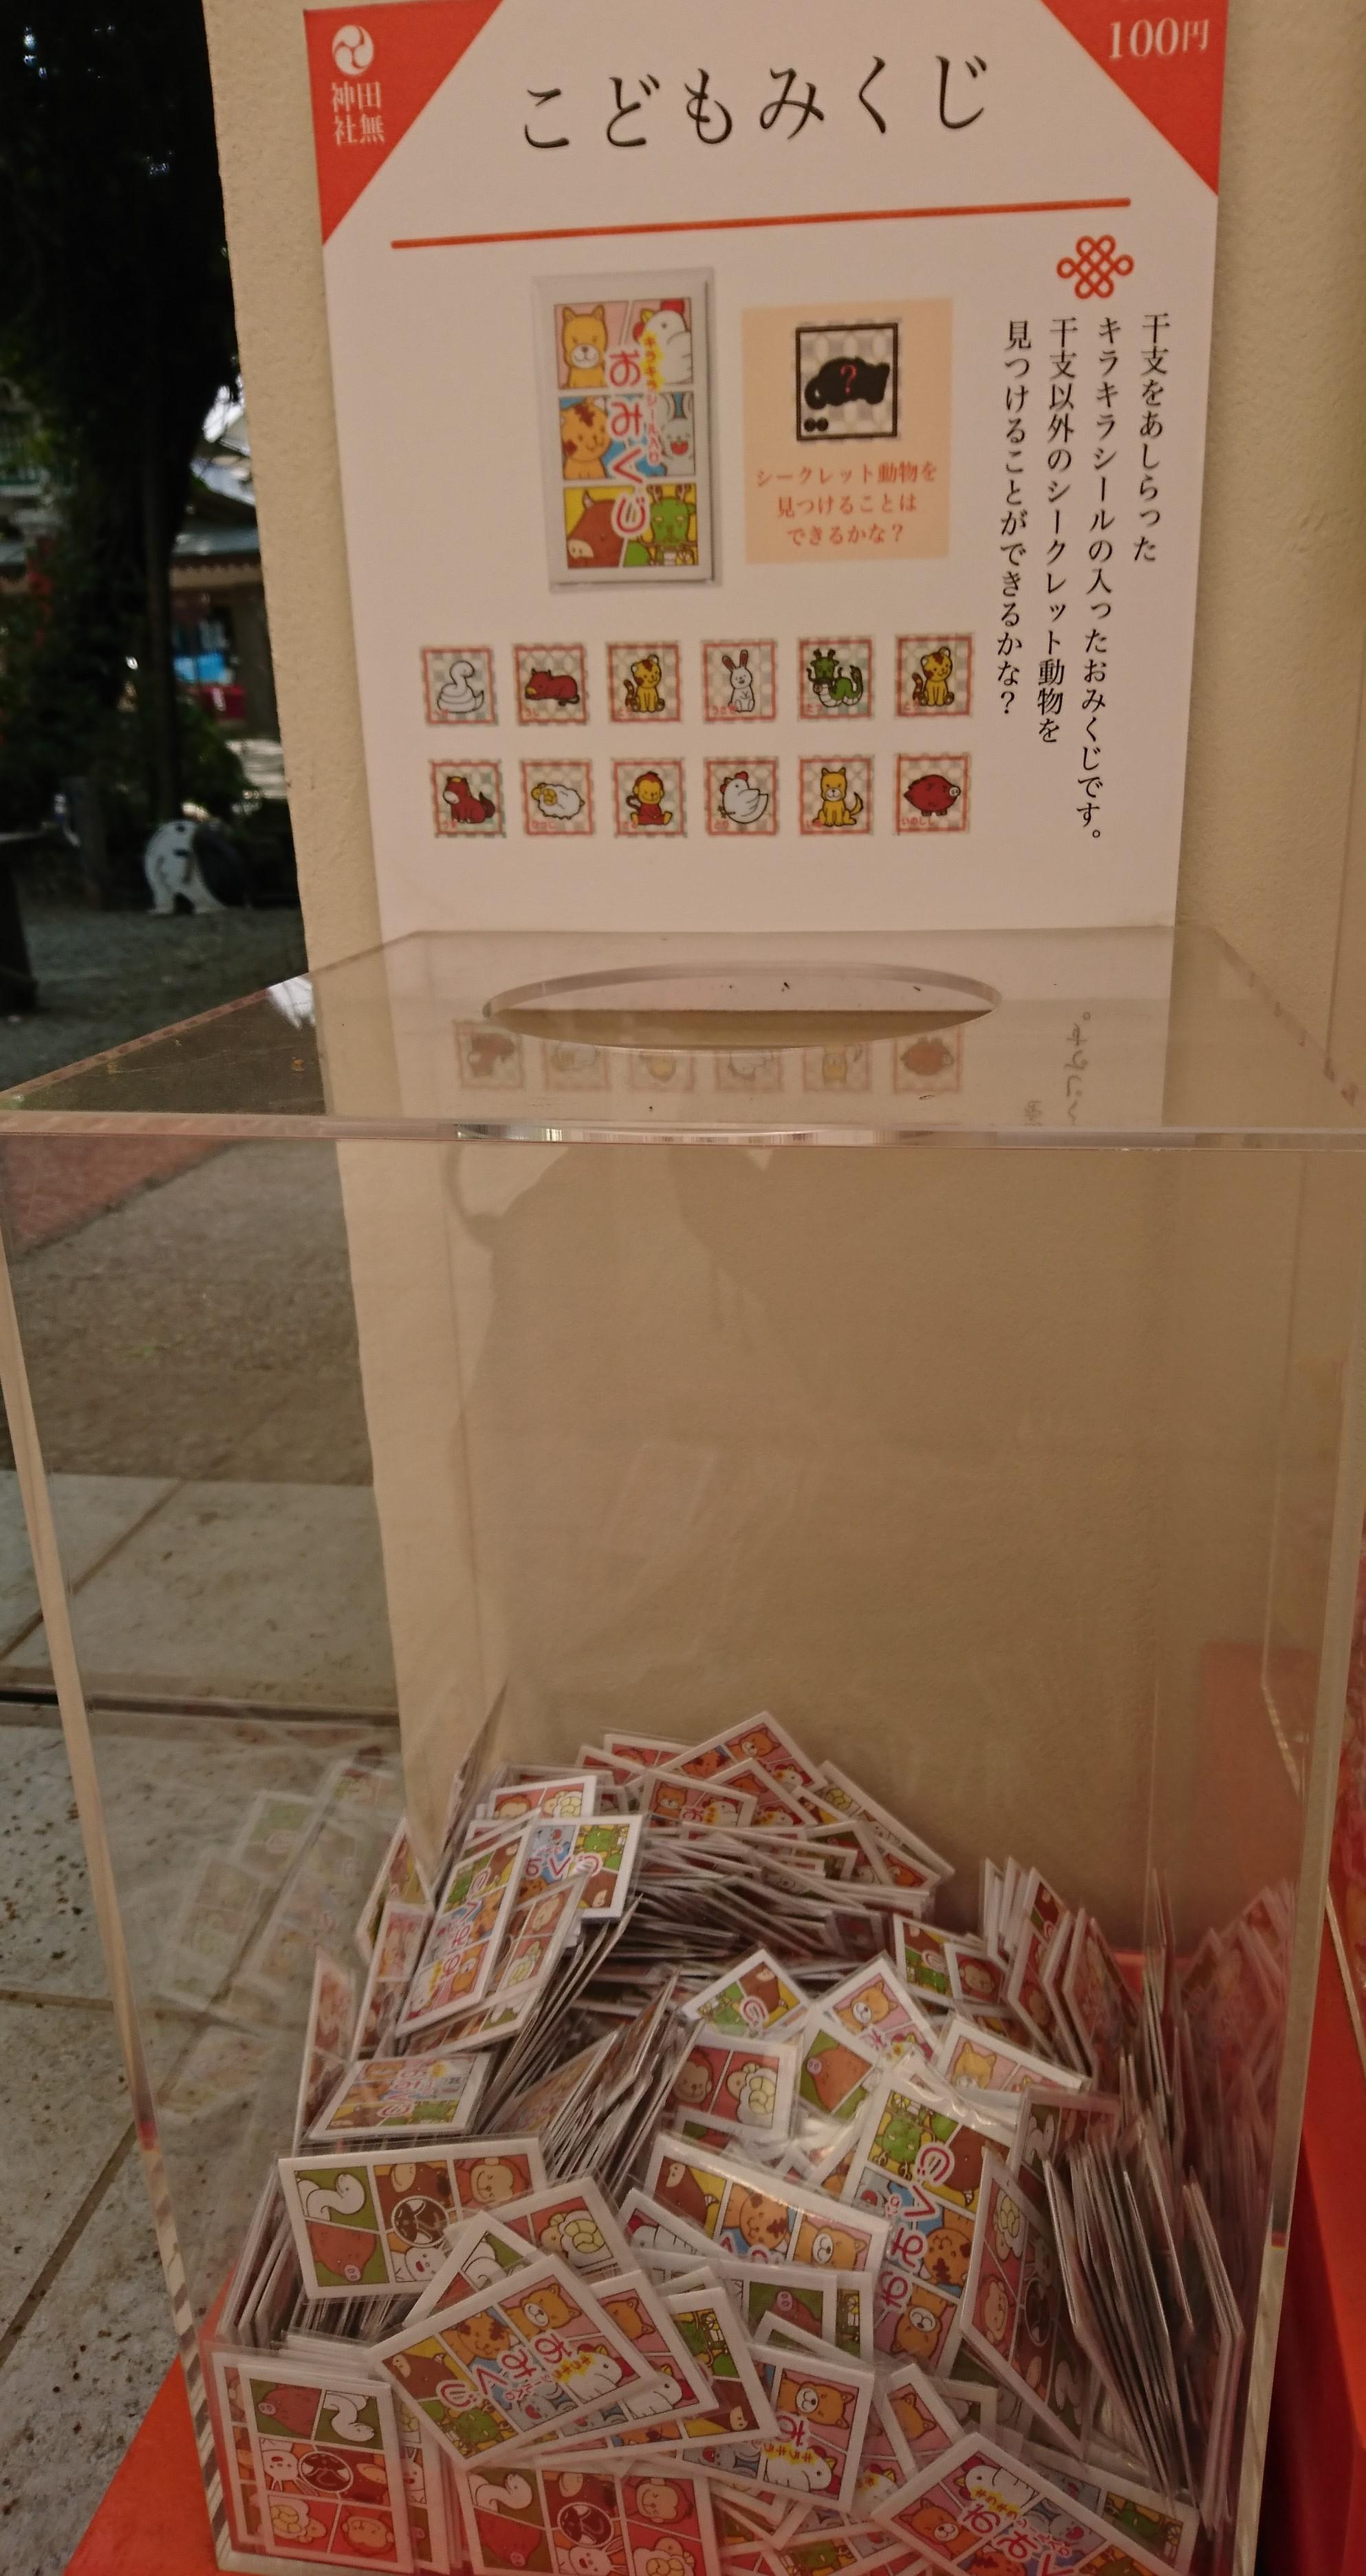 田無神社のこどもみくじ